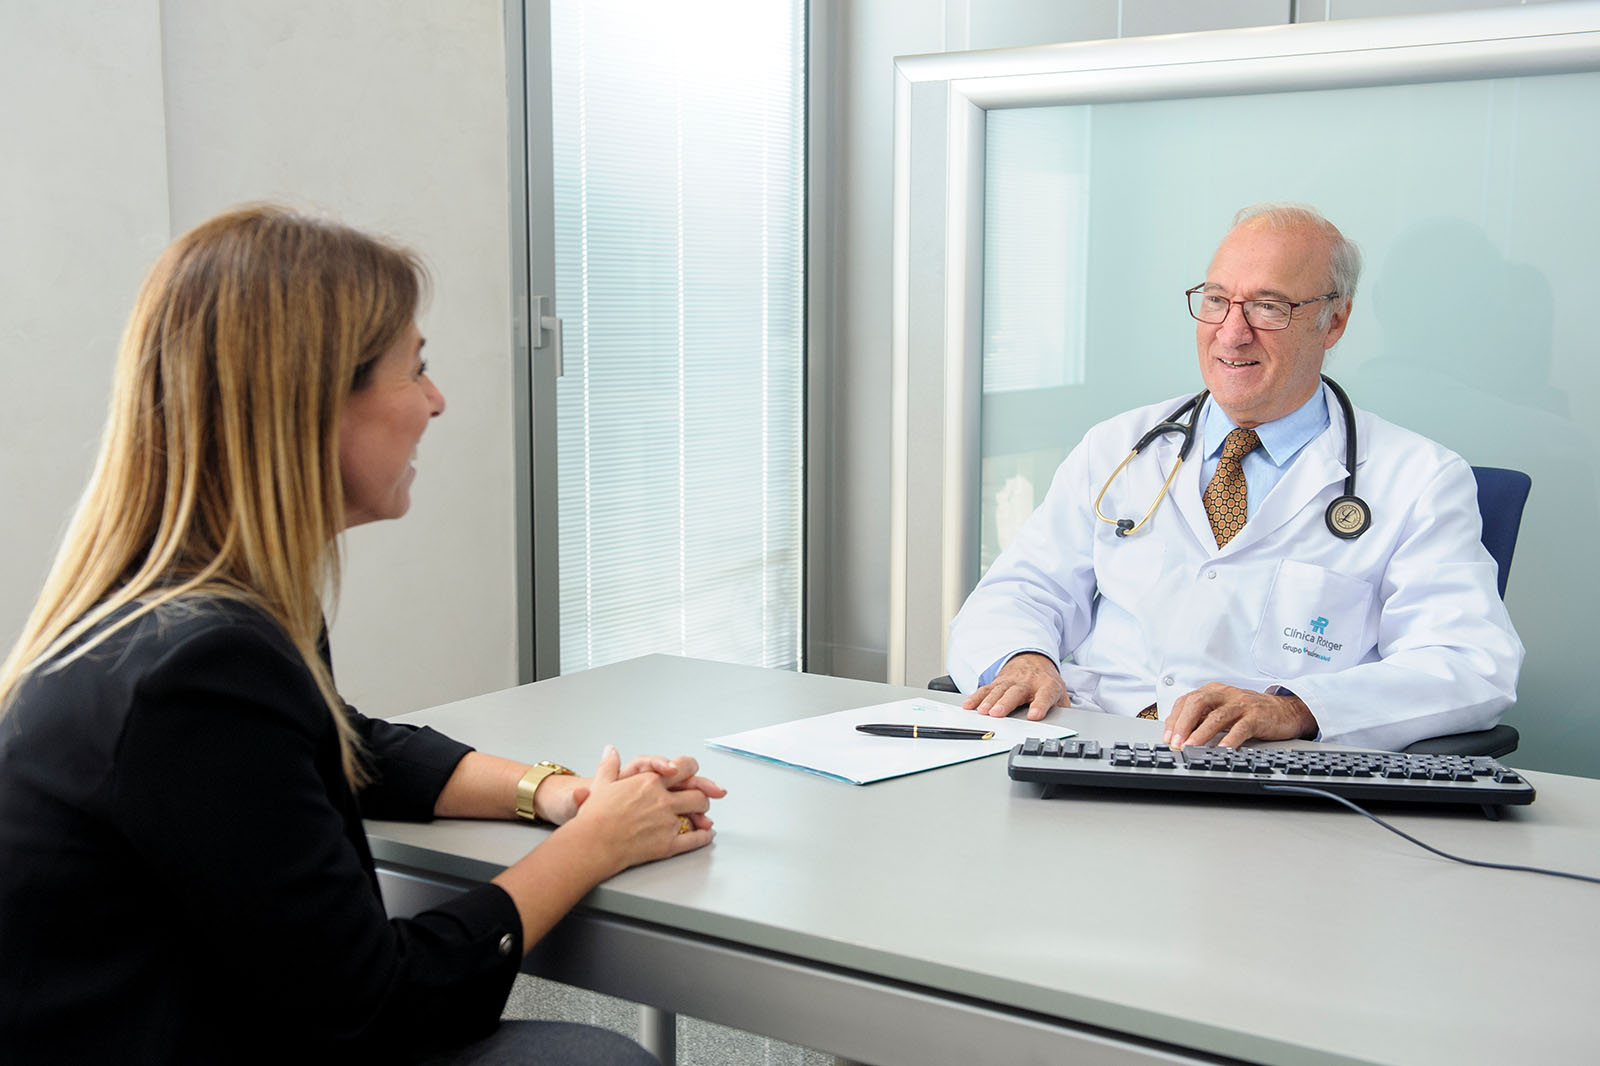 Chequeos-Médicos-Clínica-Rotger-Hospital-Mallorca